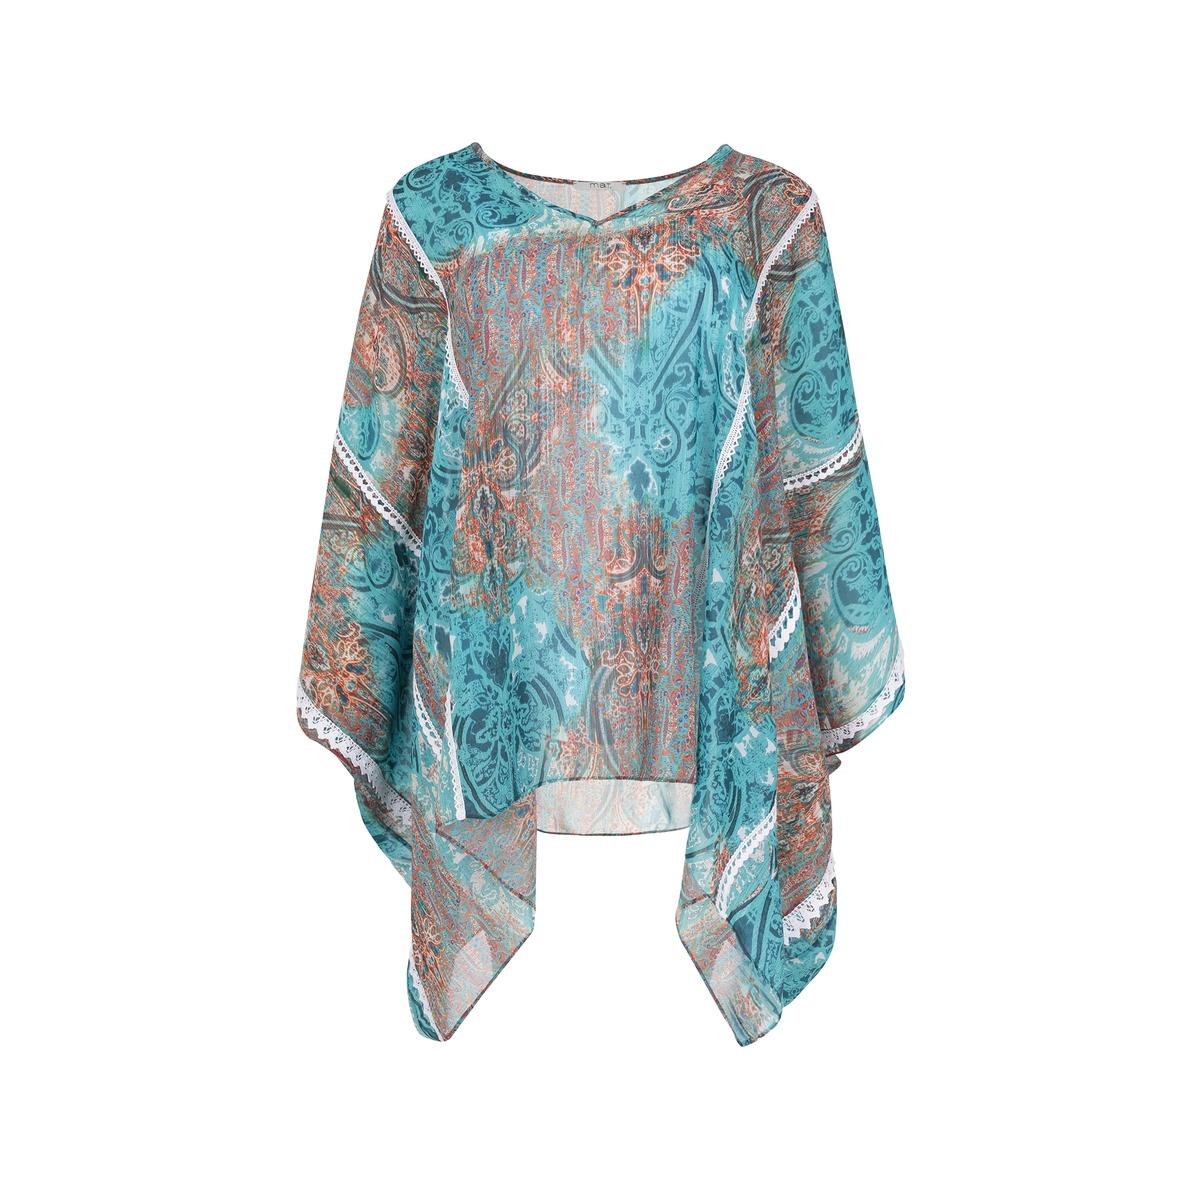 БлузкаБлузка с разноцветным рисунком MAT FASHION. Объемный покрой из легкой ткани . V-образный вырез. Широкие вырезы с разрезами на плечах . Украшение из кружева, связанного крючком . 100% полиэстер<br><br>Цвет: набивной рисунок<br>Размер: 48/52 (FR) - 54/58 (RUS)